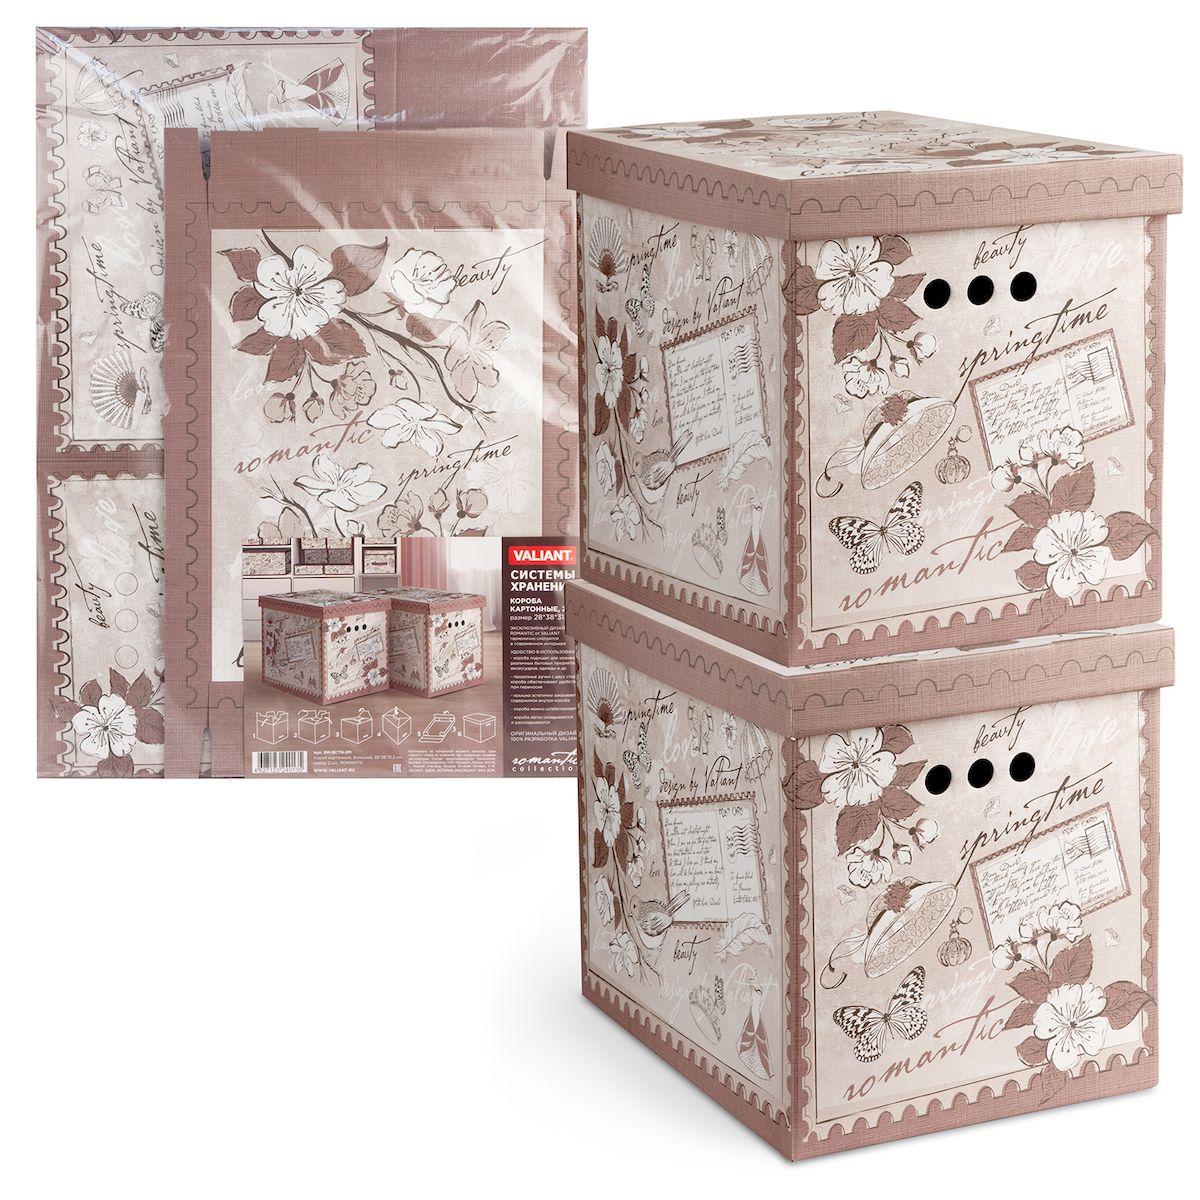 Короб для хранения Valiant Romantic, складной, 28х38х31,5 см, складной, 2 штRM-BCTN-2MКороб картонный Valiant Romantic легкий и прочный. Короб являются самосборным (на упаковке имеется удобная инструкция по сборке). Благодаря прорезным ручкам с двух сторон коробку удобно поднимать и переносить.